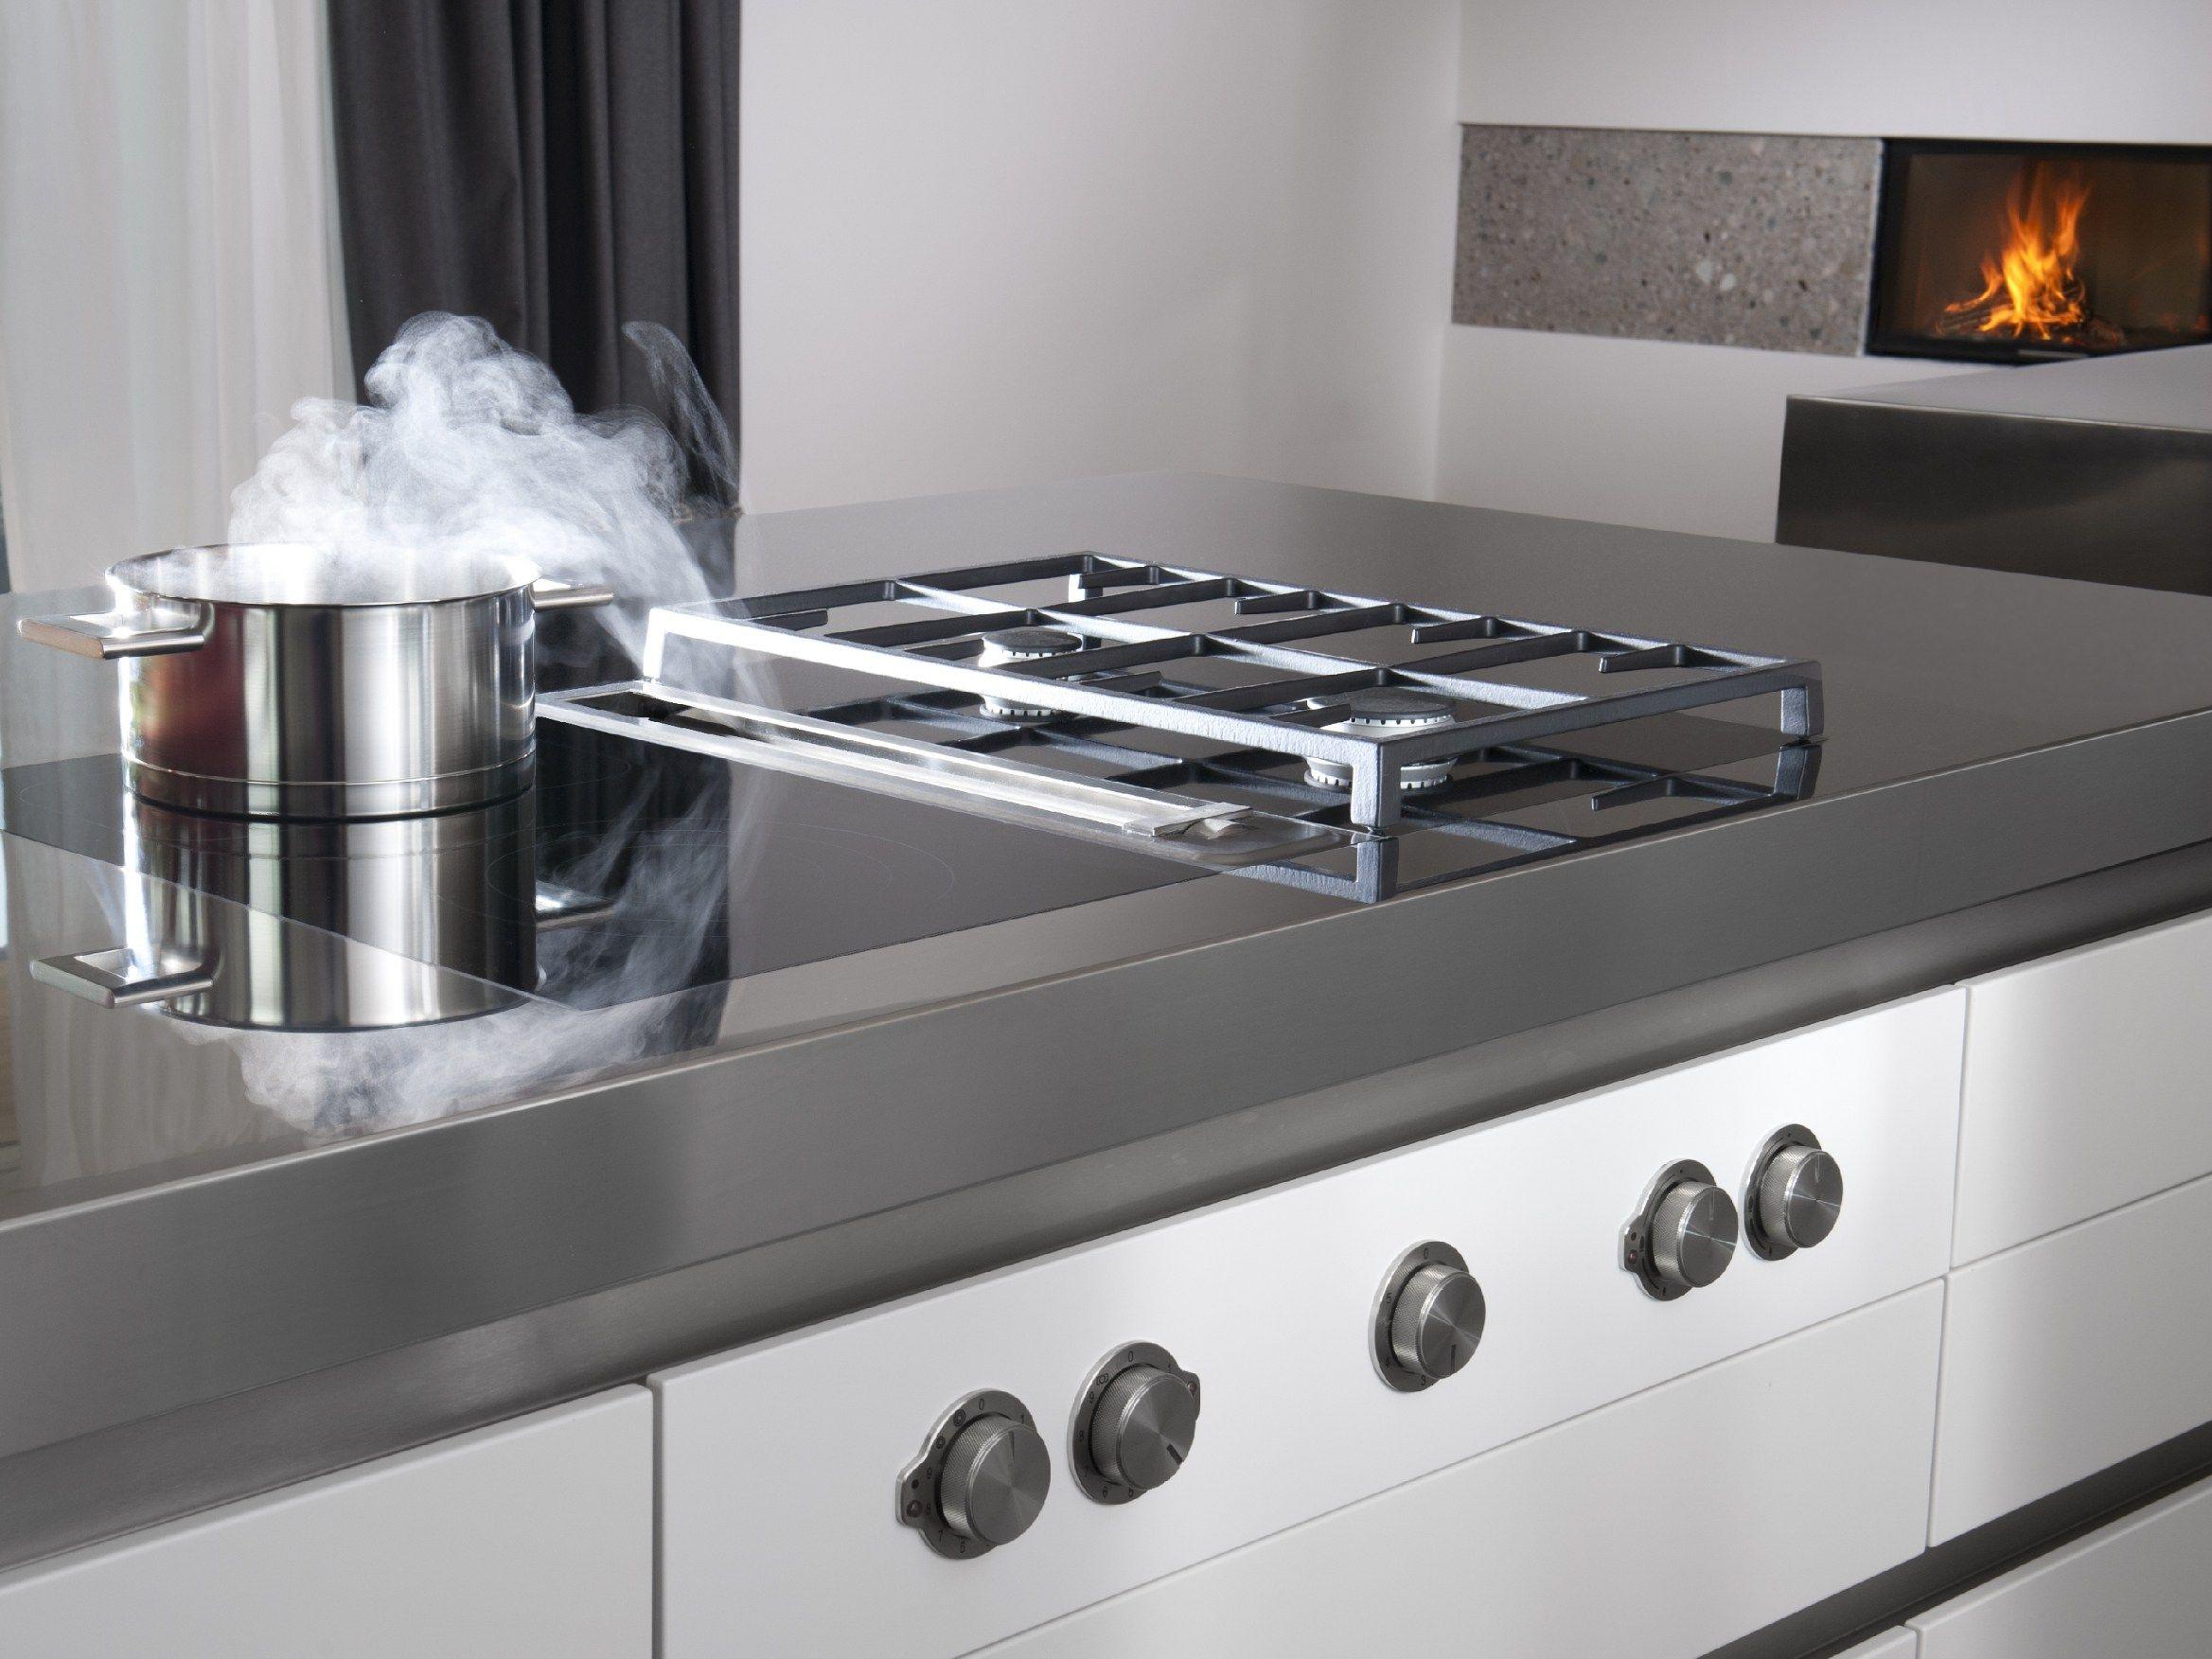 hotte professionnelle en acier inoxydable hotte pour plan. Black Bedroom Furniture Sets. Home Design Ideas